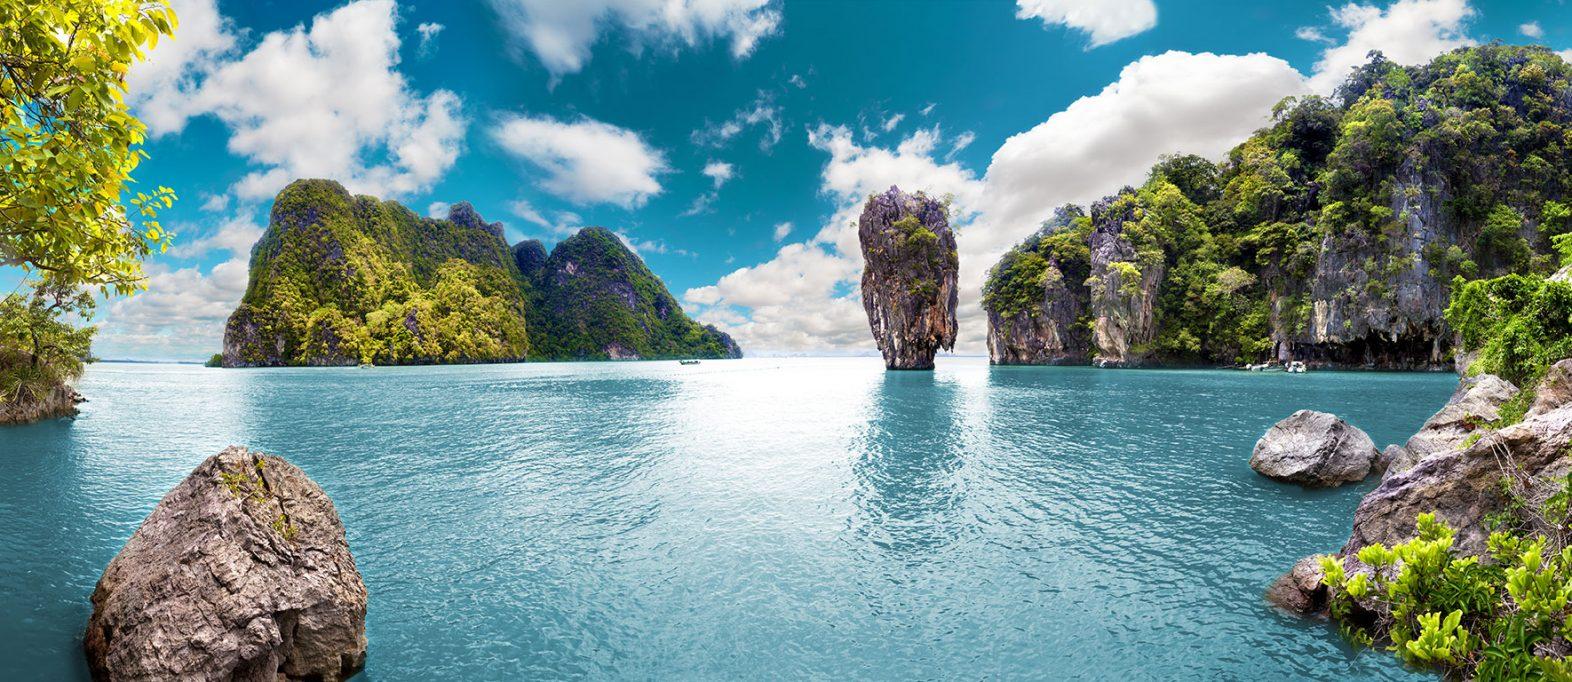 Klima und die beste Reisezeit für Thailand